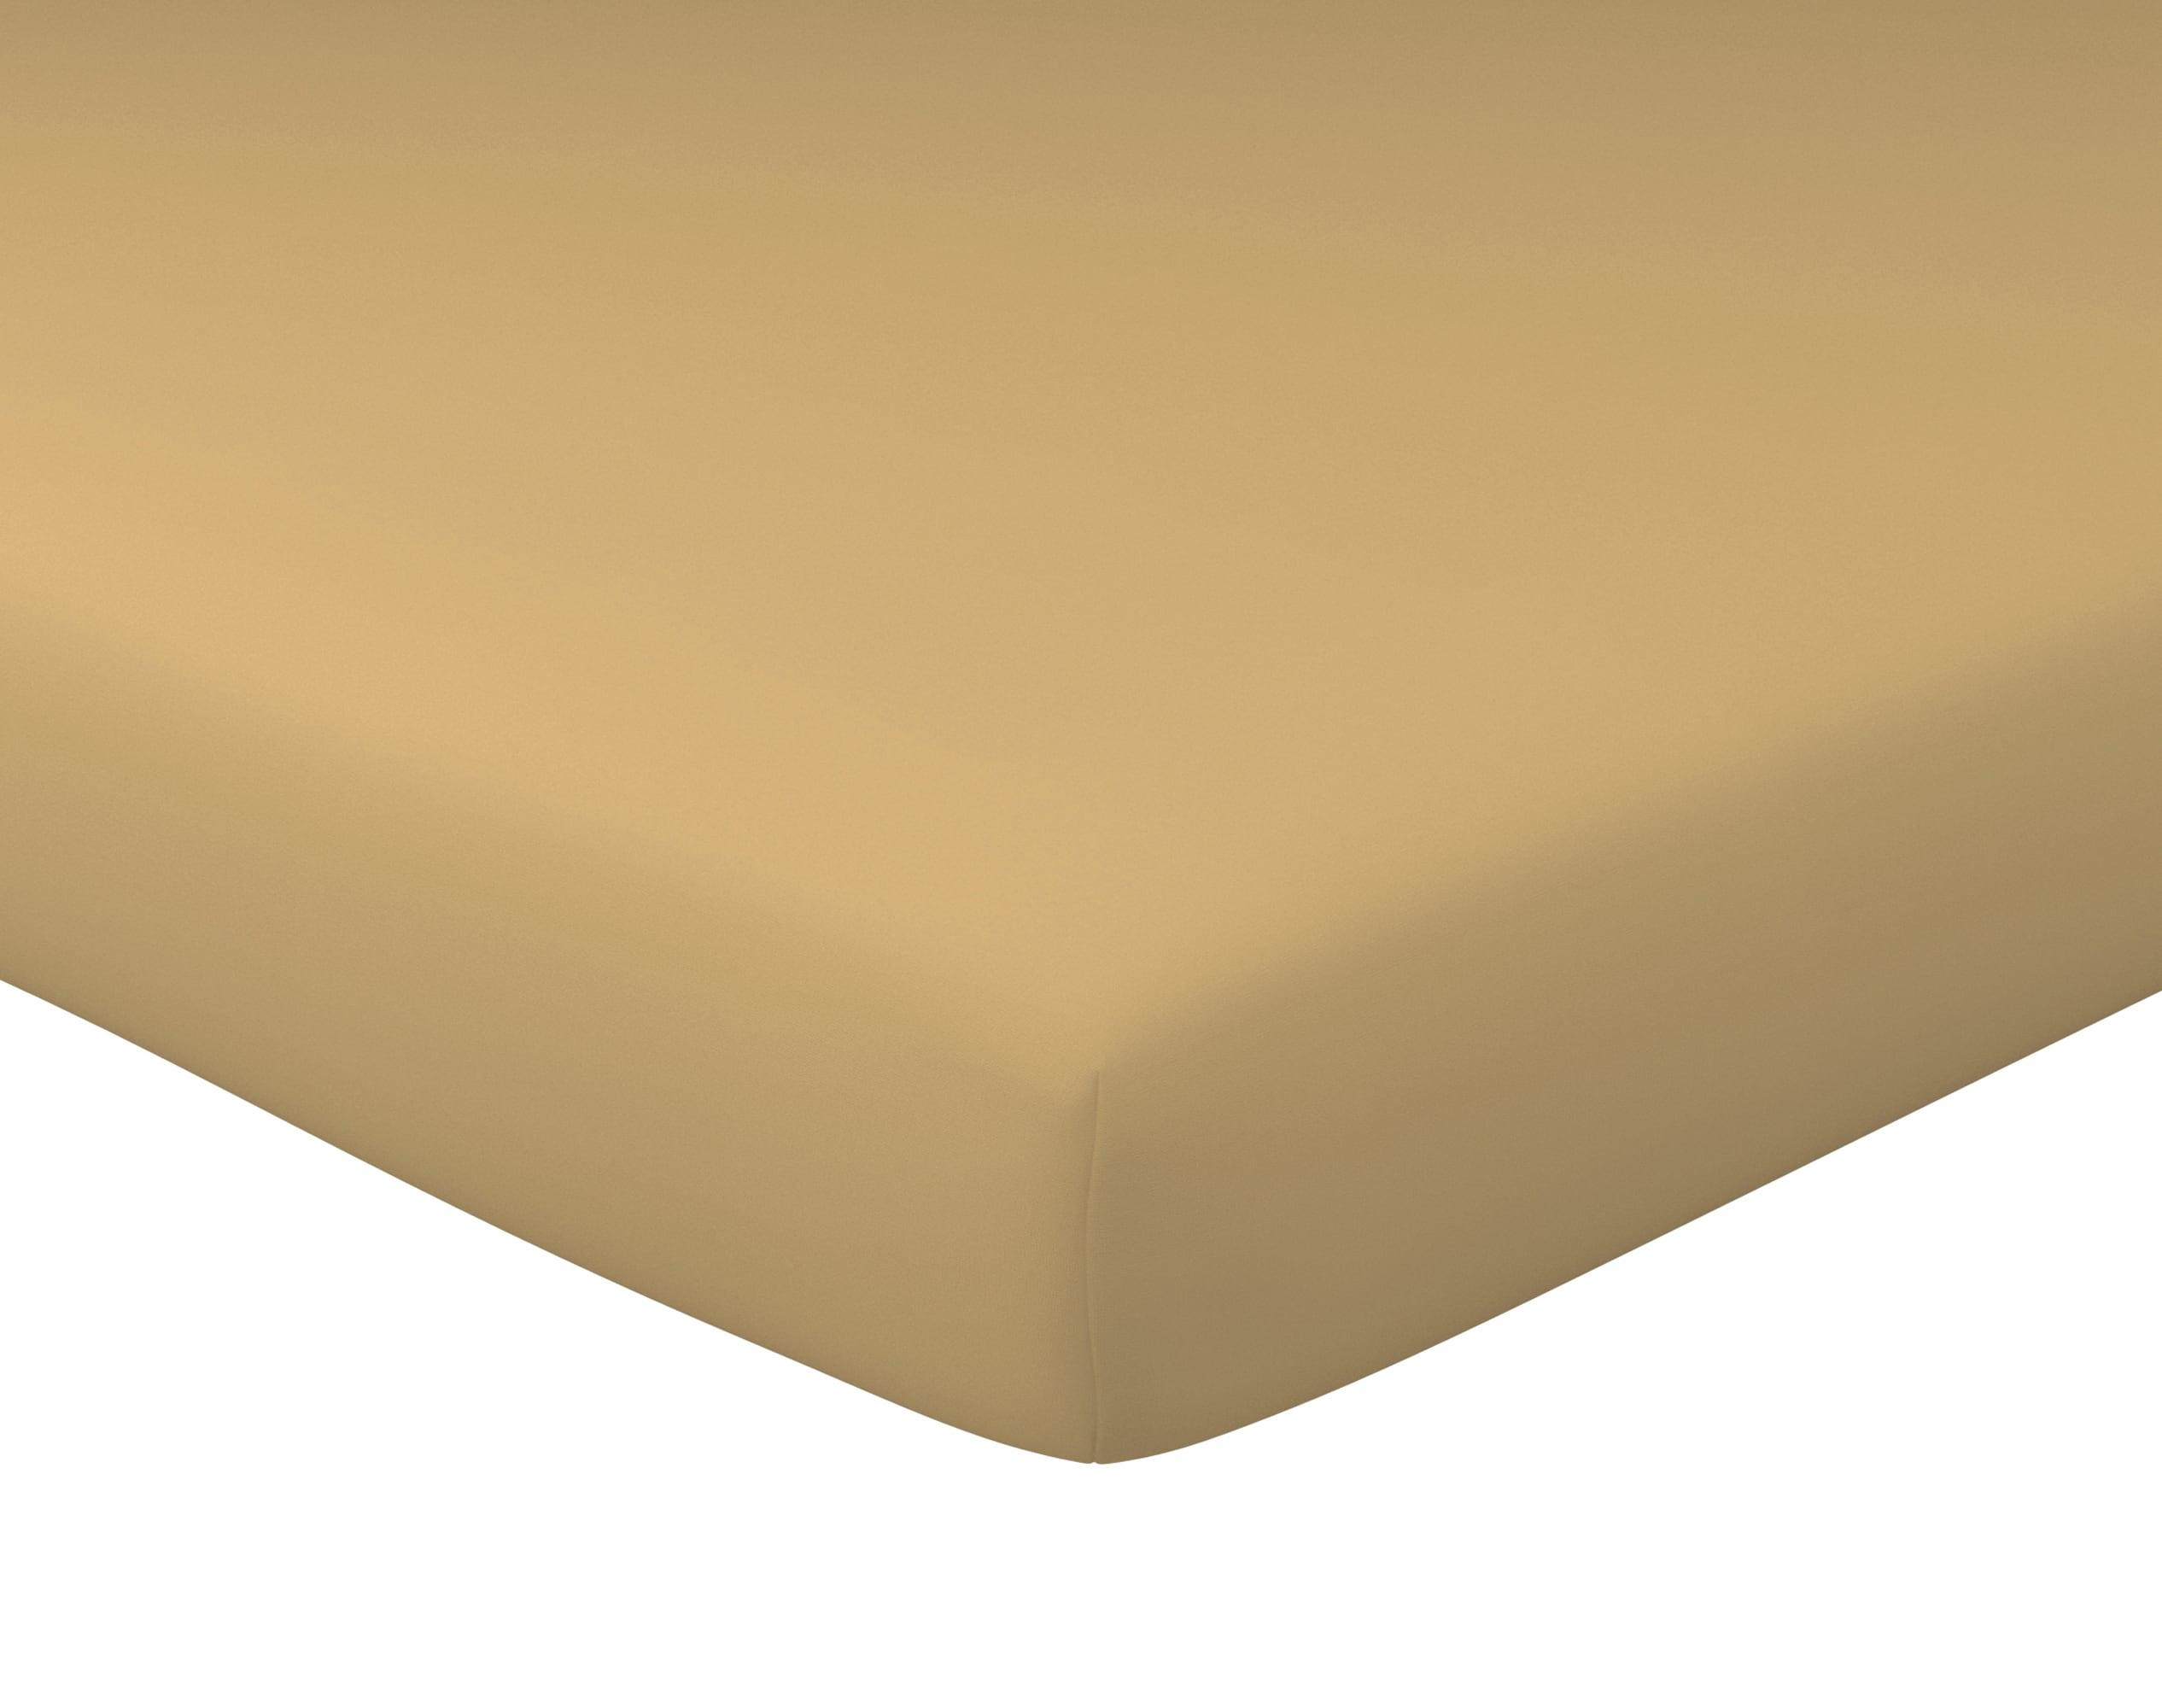 Drap-housse 140x190 en coton marron